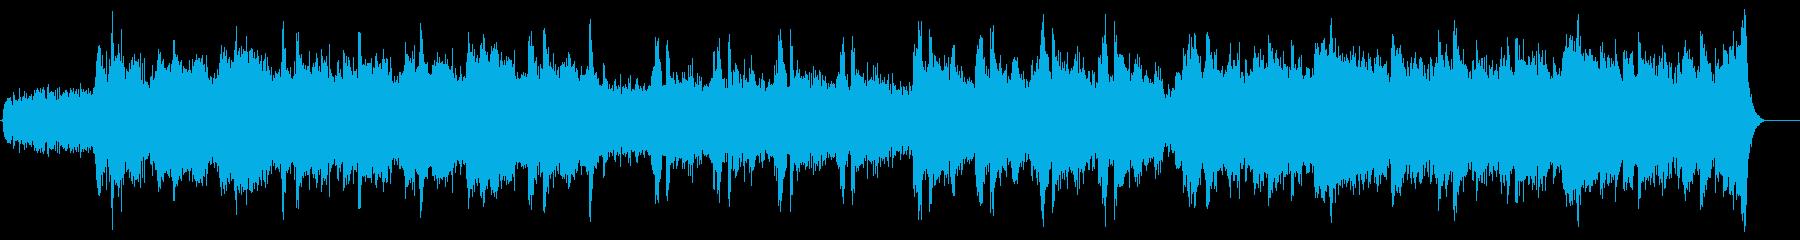 ドキュメンタリー系 厳冬の大地風サウンドの再生済みの波形